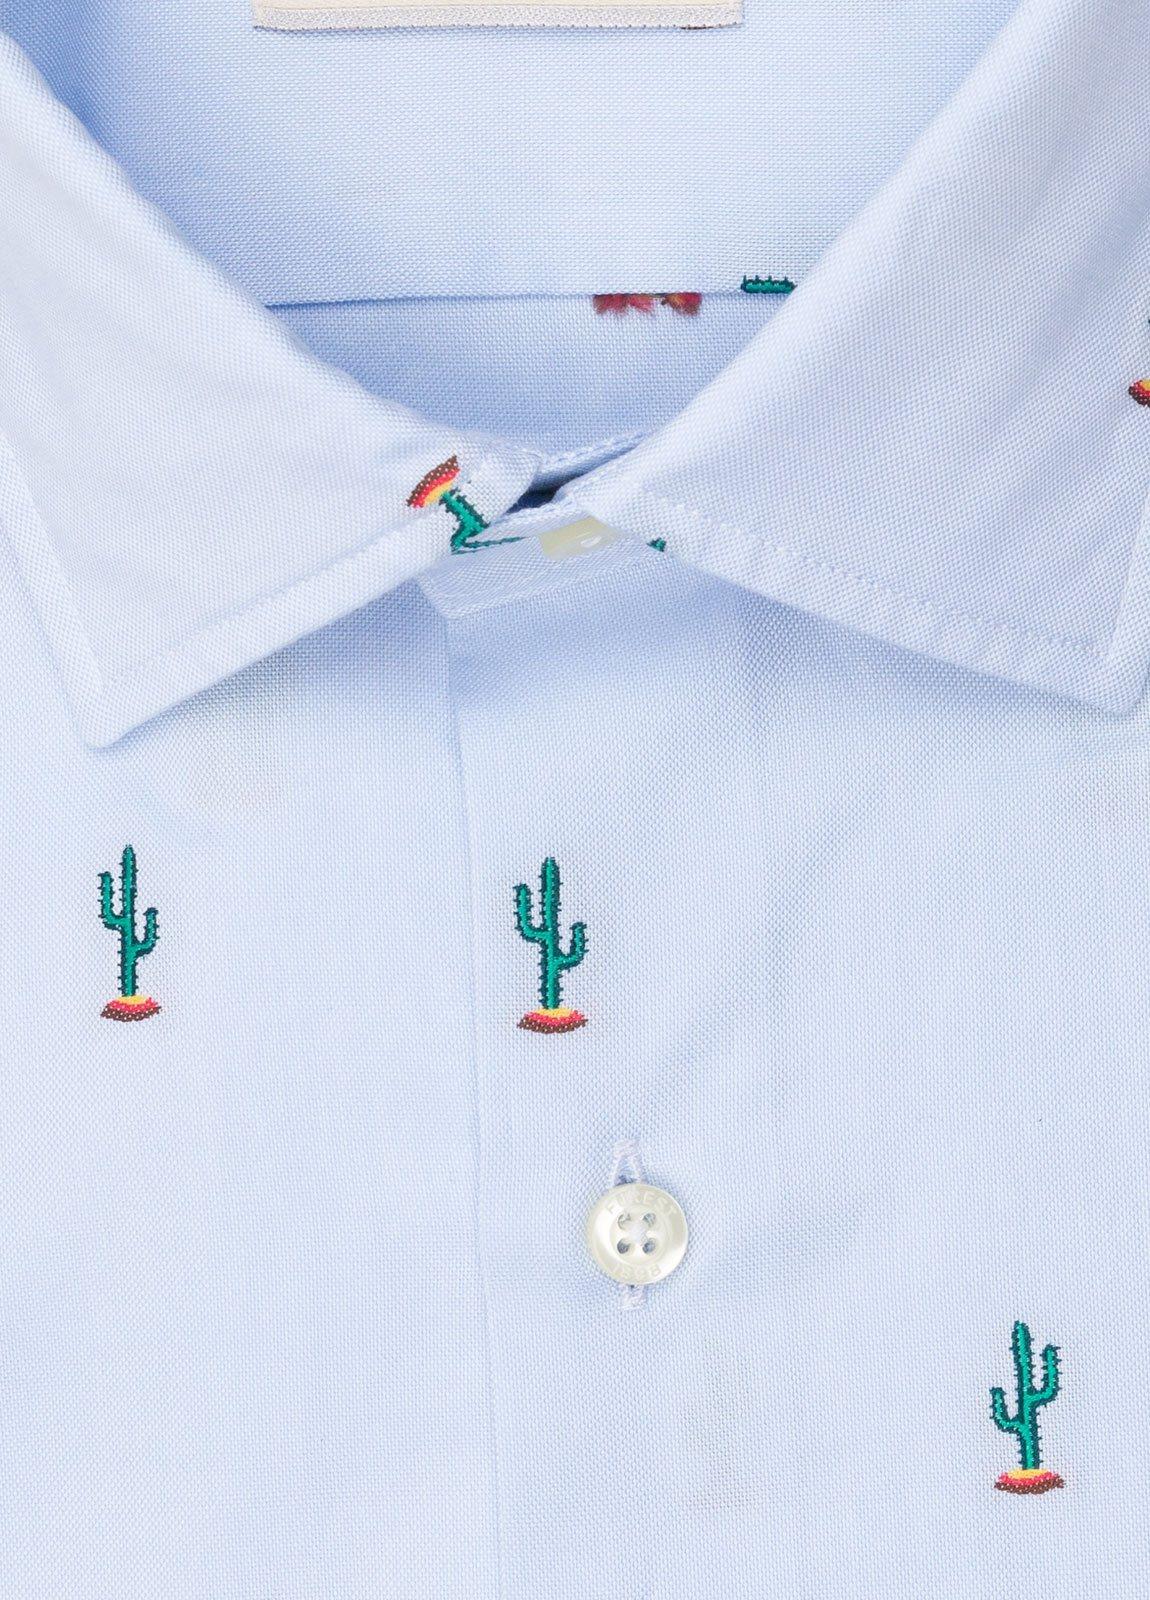 Camisa sport FUREST COLECCIÓN SLIM FIT fil coupé cactus - Ítem2